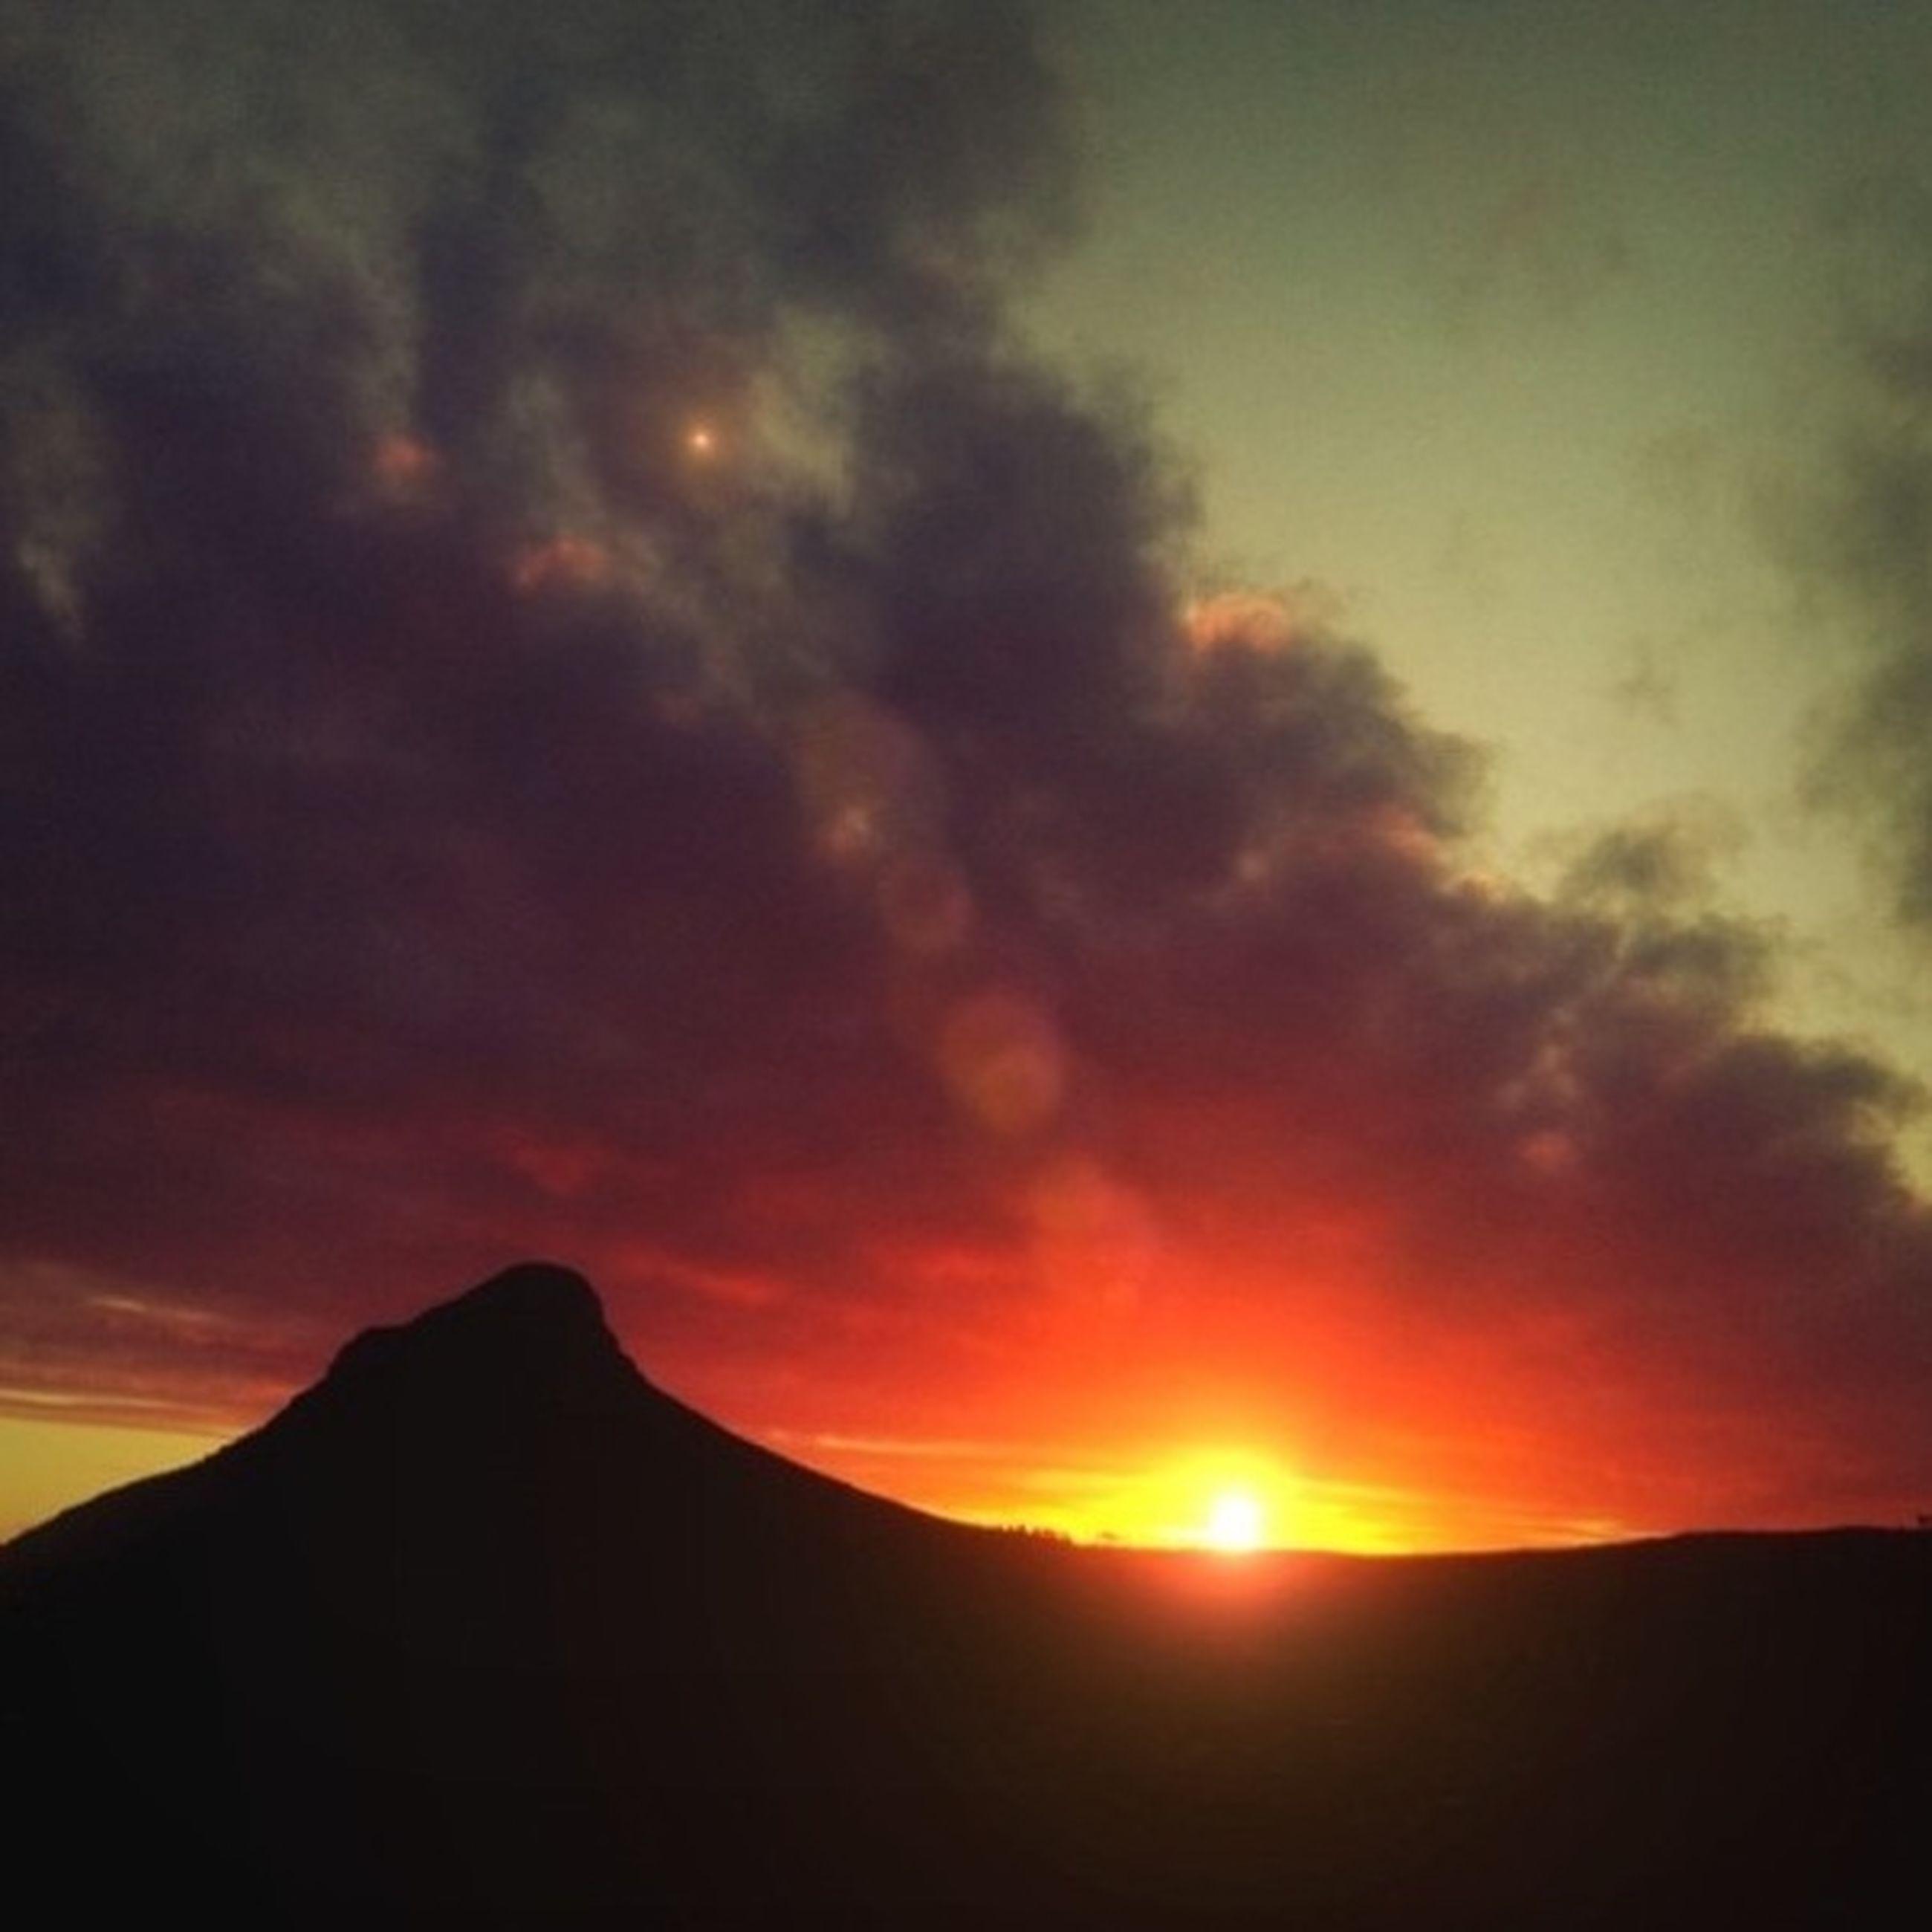 sunset, scenics, tranquil scene, tranquility, beauty in nature, mountain, sky, sun, silhouette, orange color, landscape, mountain range, idyllic, nature, cloud - sky, majestic, cloud, dramatic sky, sunlight, sunbeam